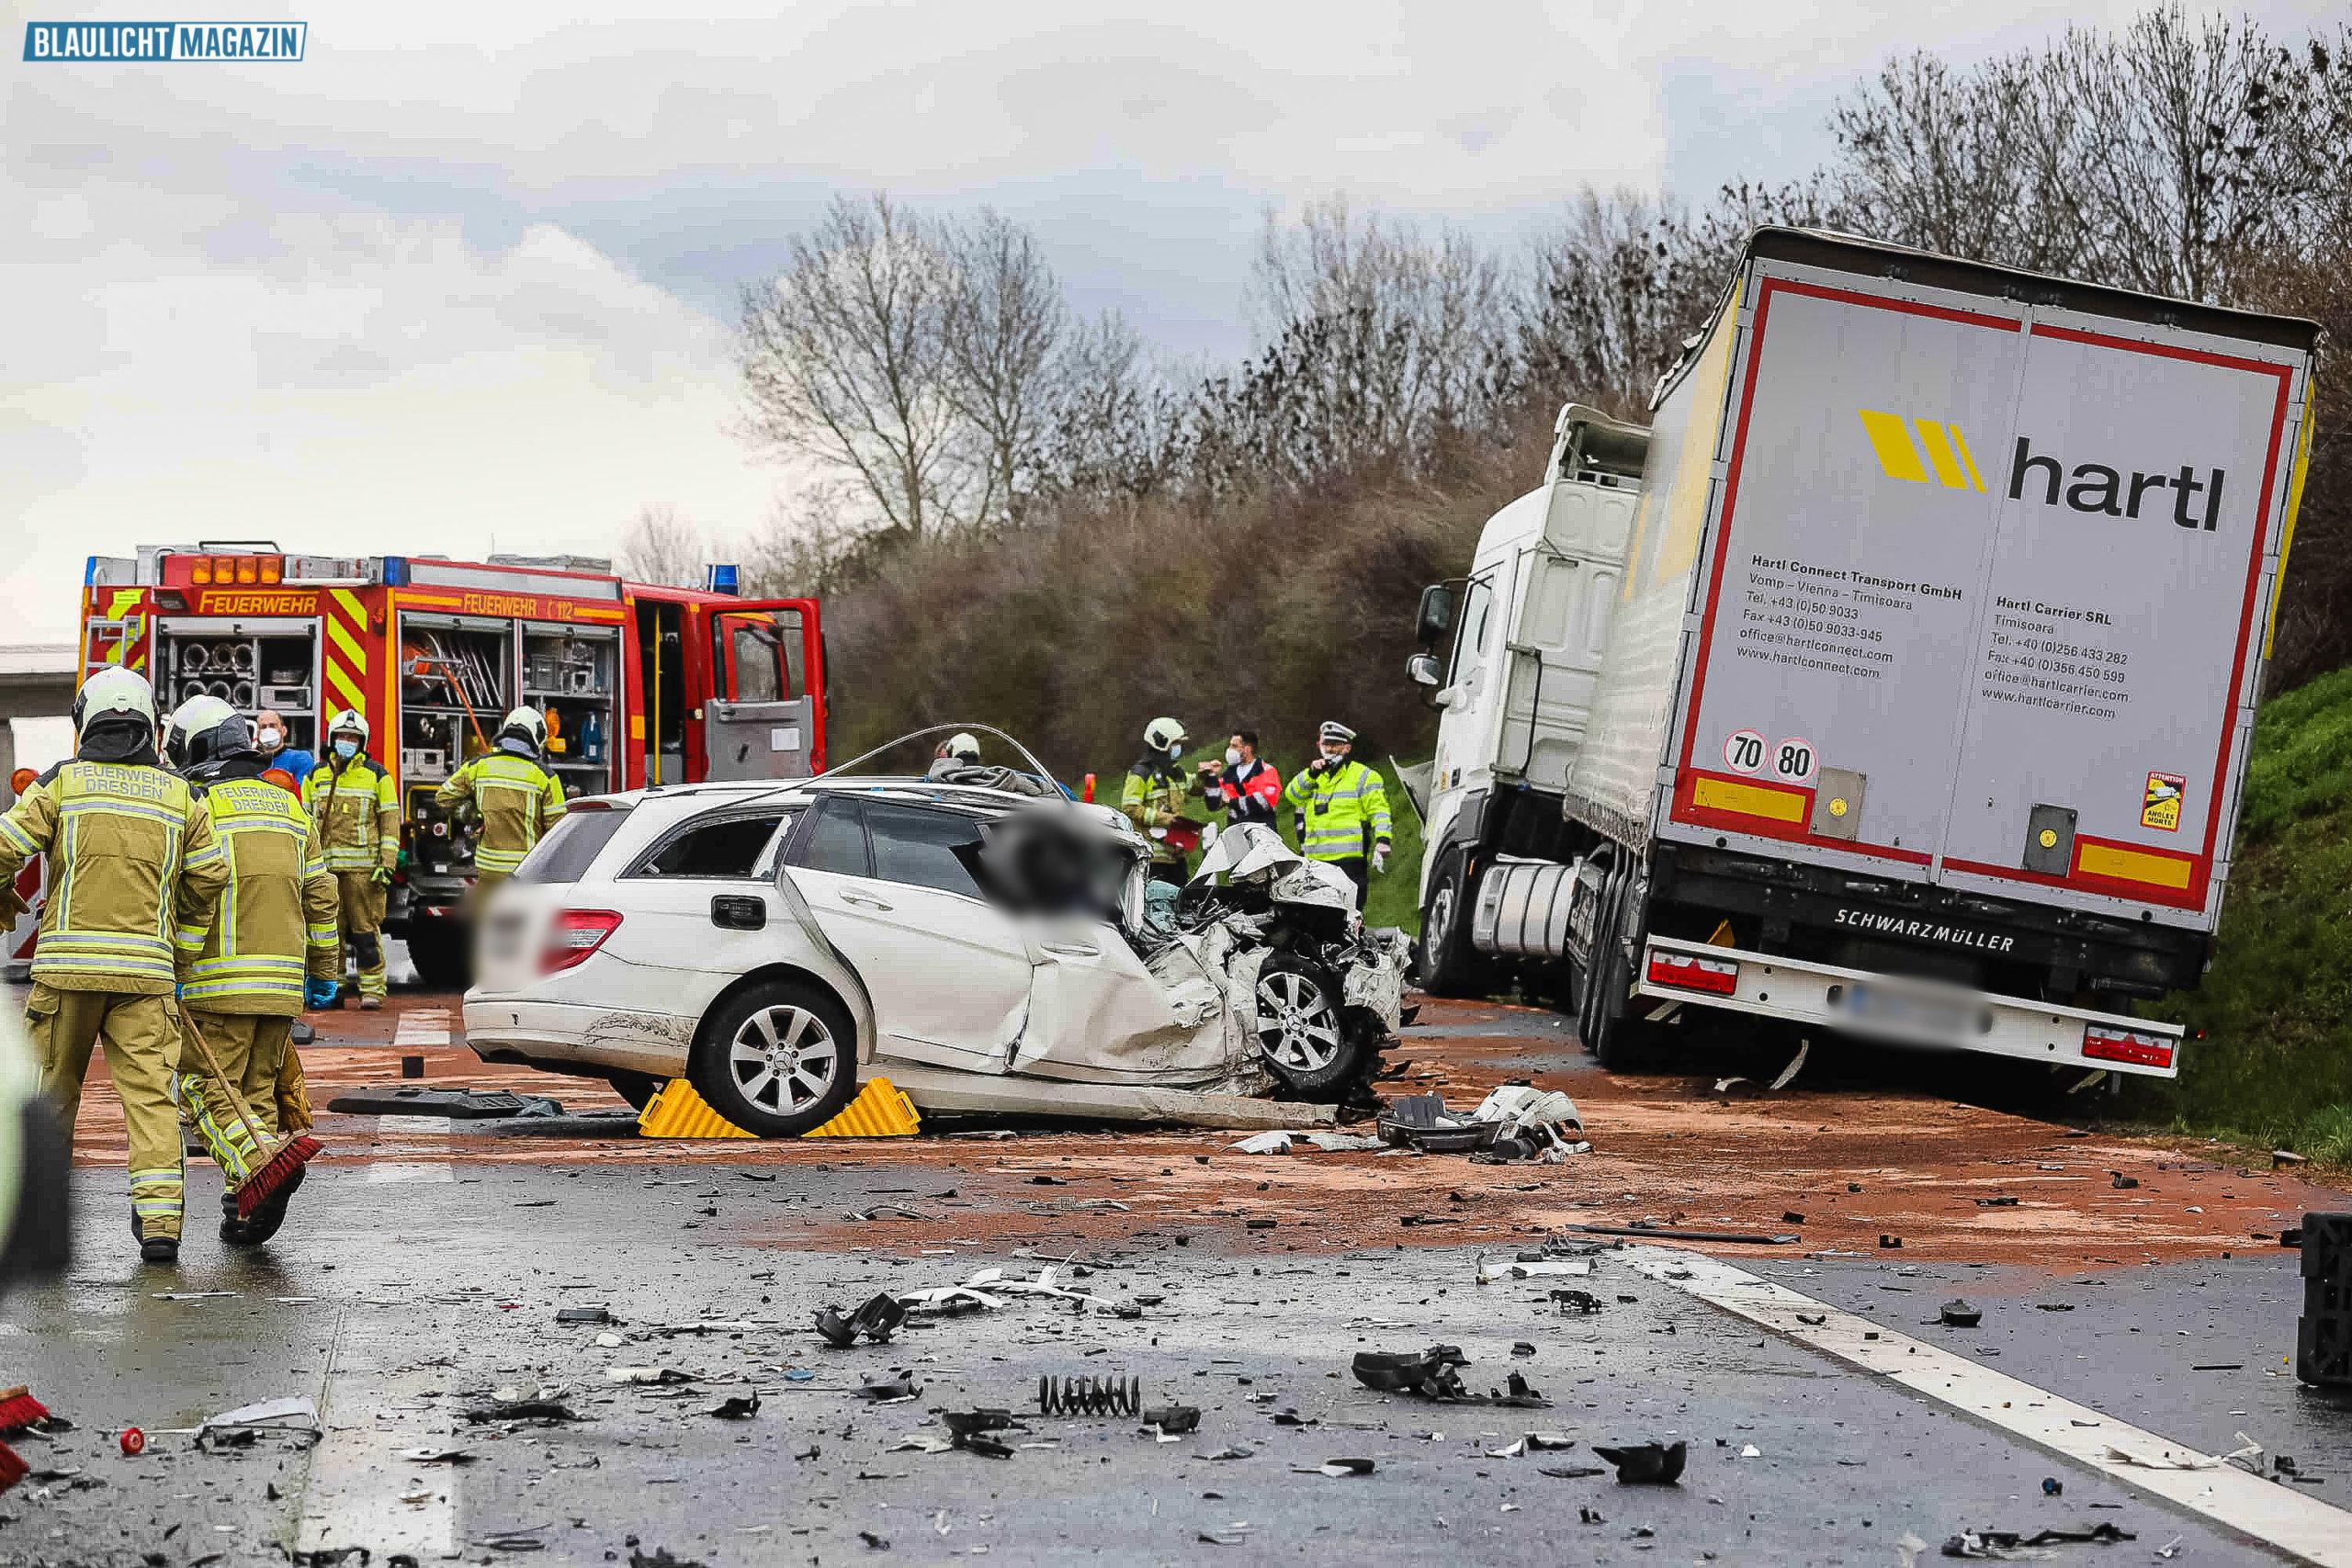 T-dlicher-Unfall-in-Autobahn-Baustelle-bei-Dresden